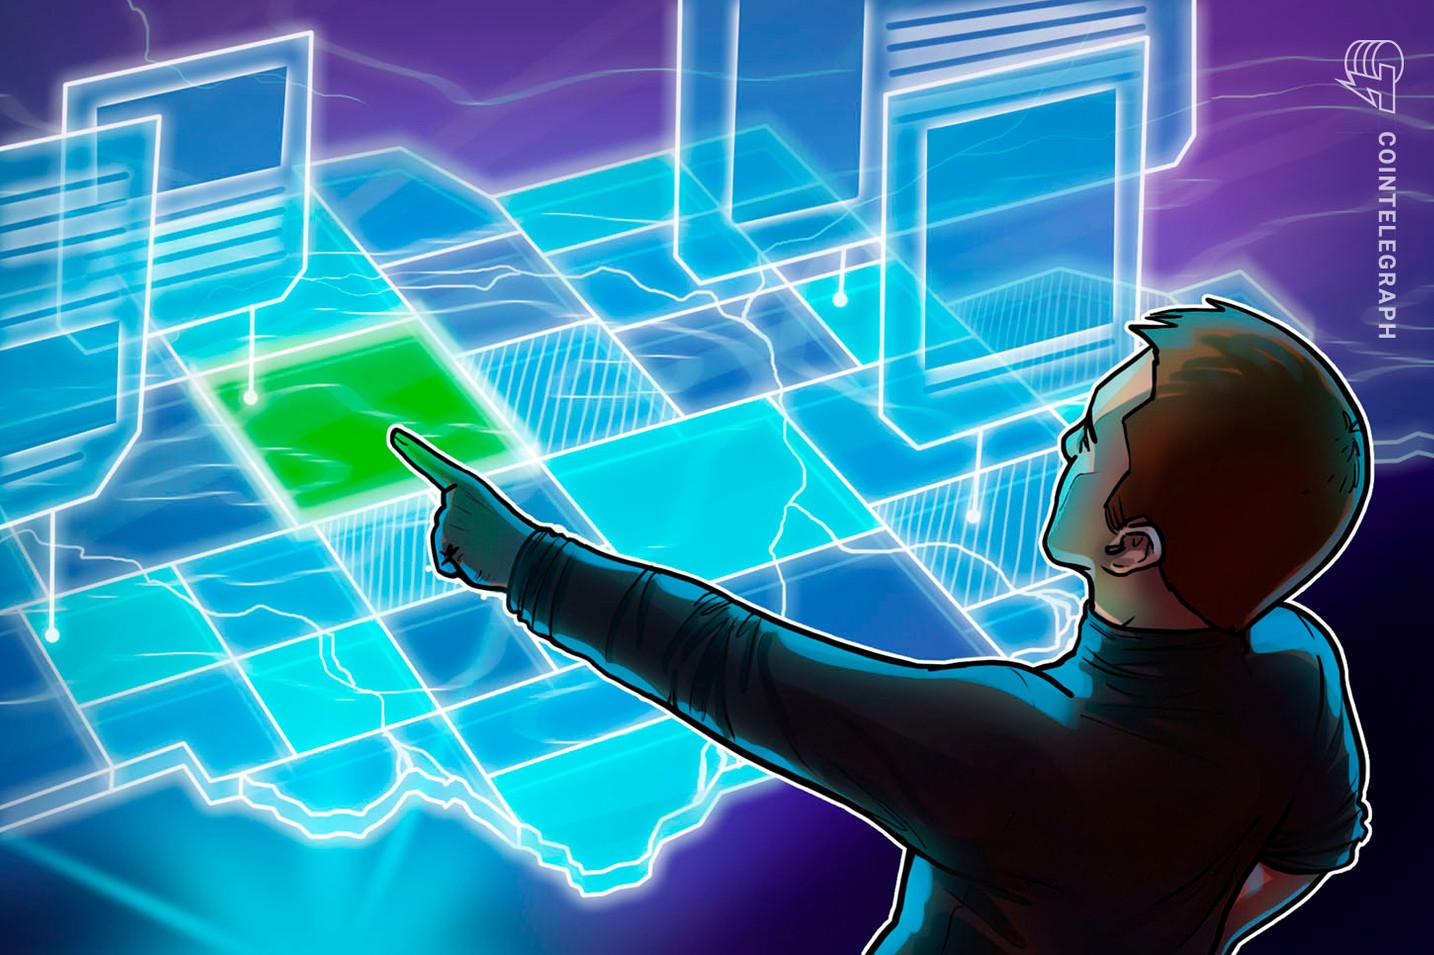 Създателят на NFT игри обръща виртуалната земя на Axie Infinity за 9,200 XNUMX% печалба за една година